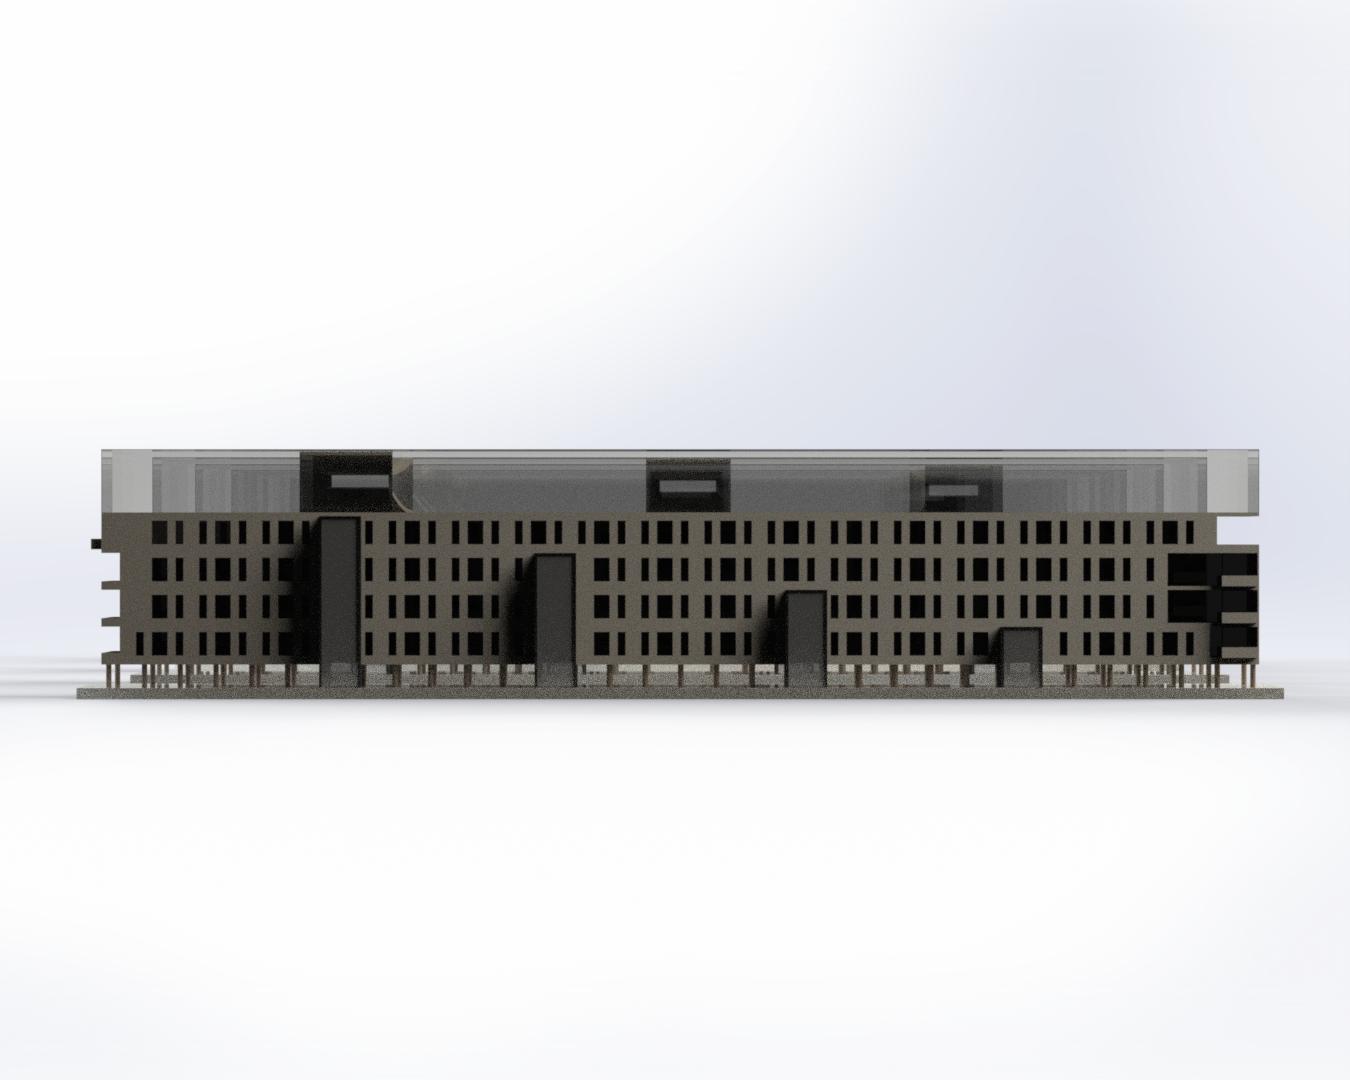 Elevator shafts